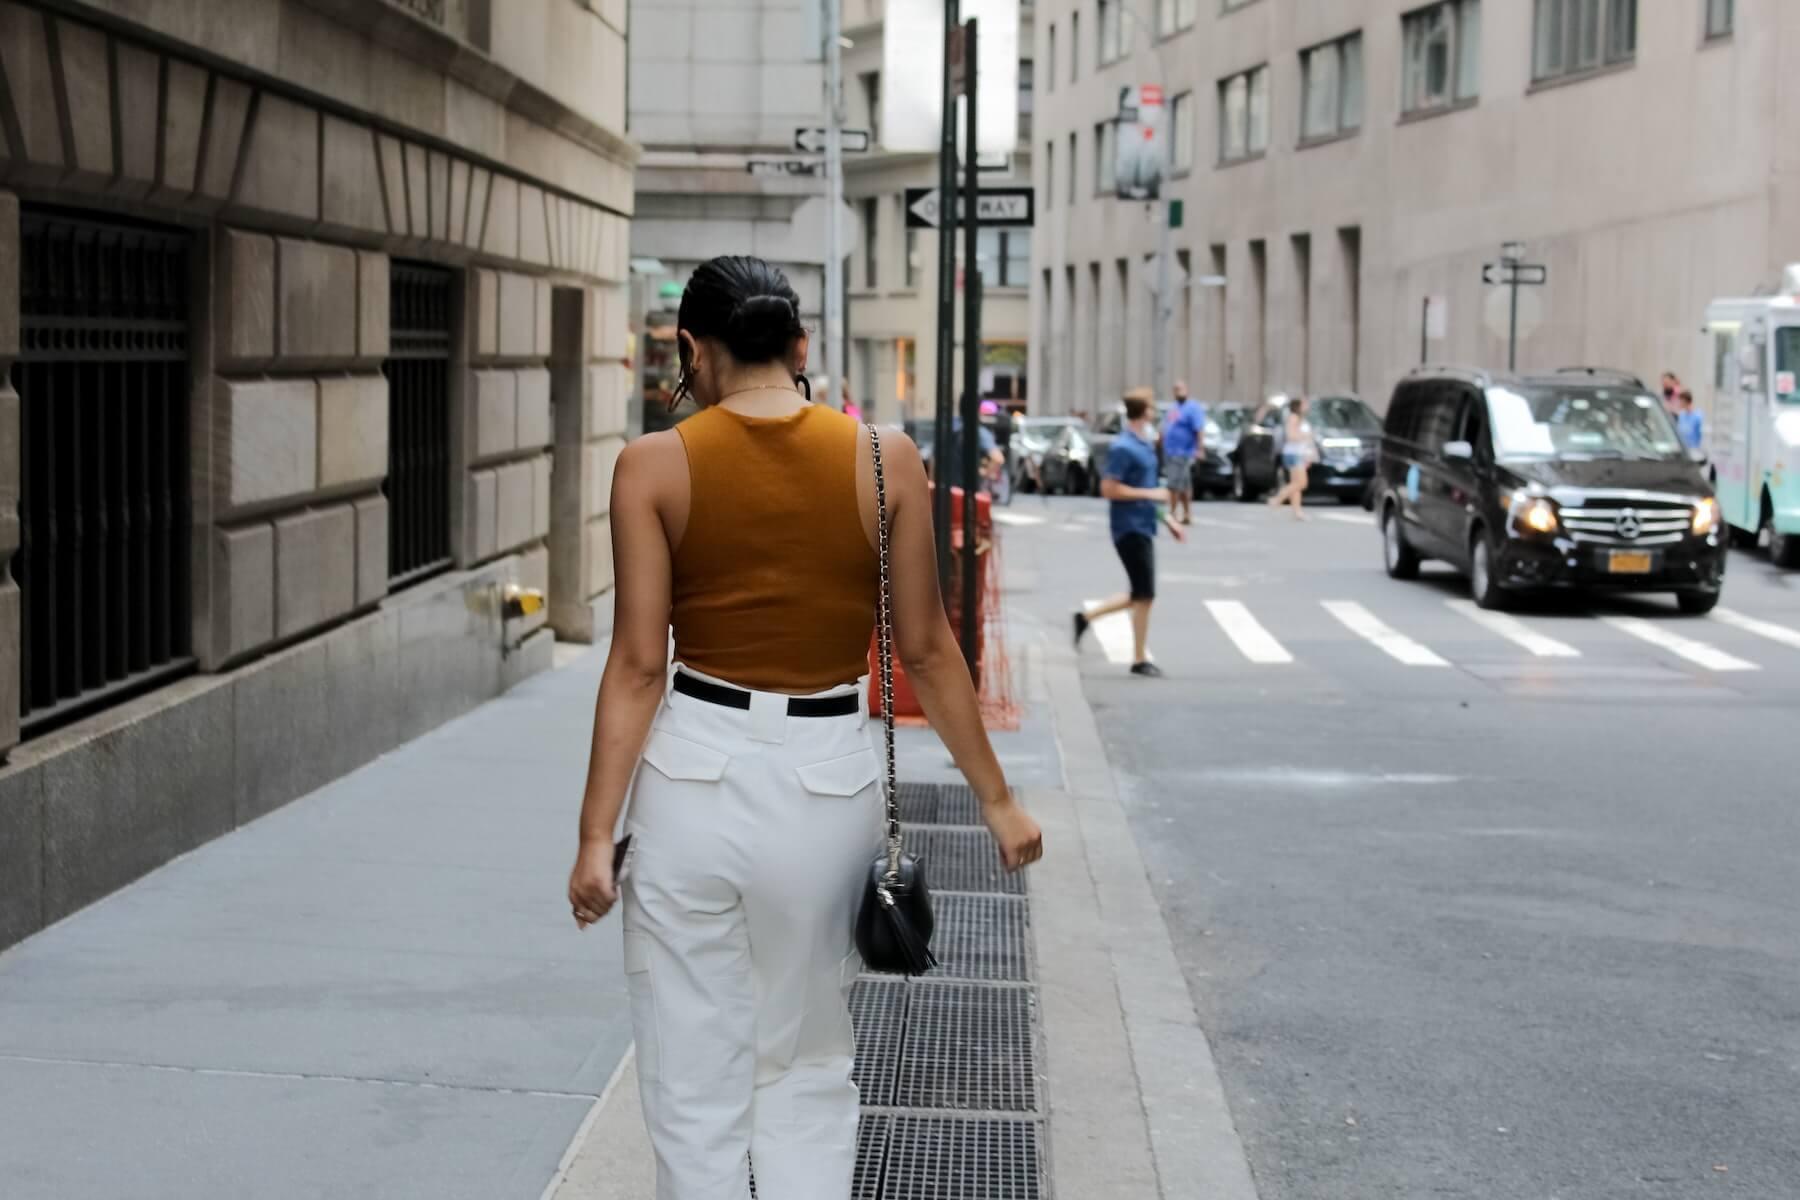 ルイ・ヴィトンのスニーカーが人気!おすすめモデルや着こなし